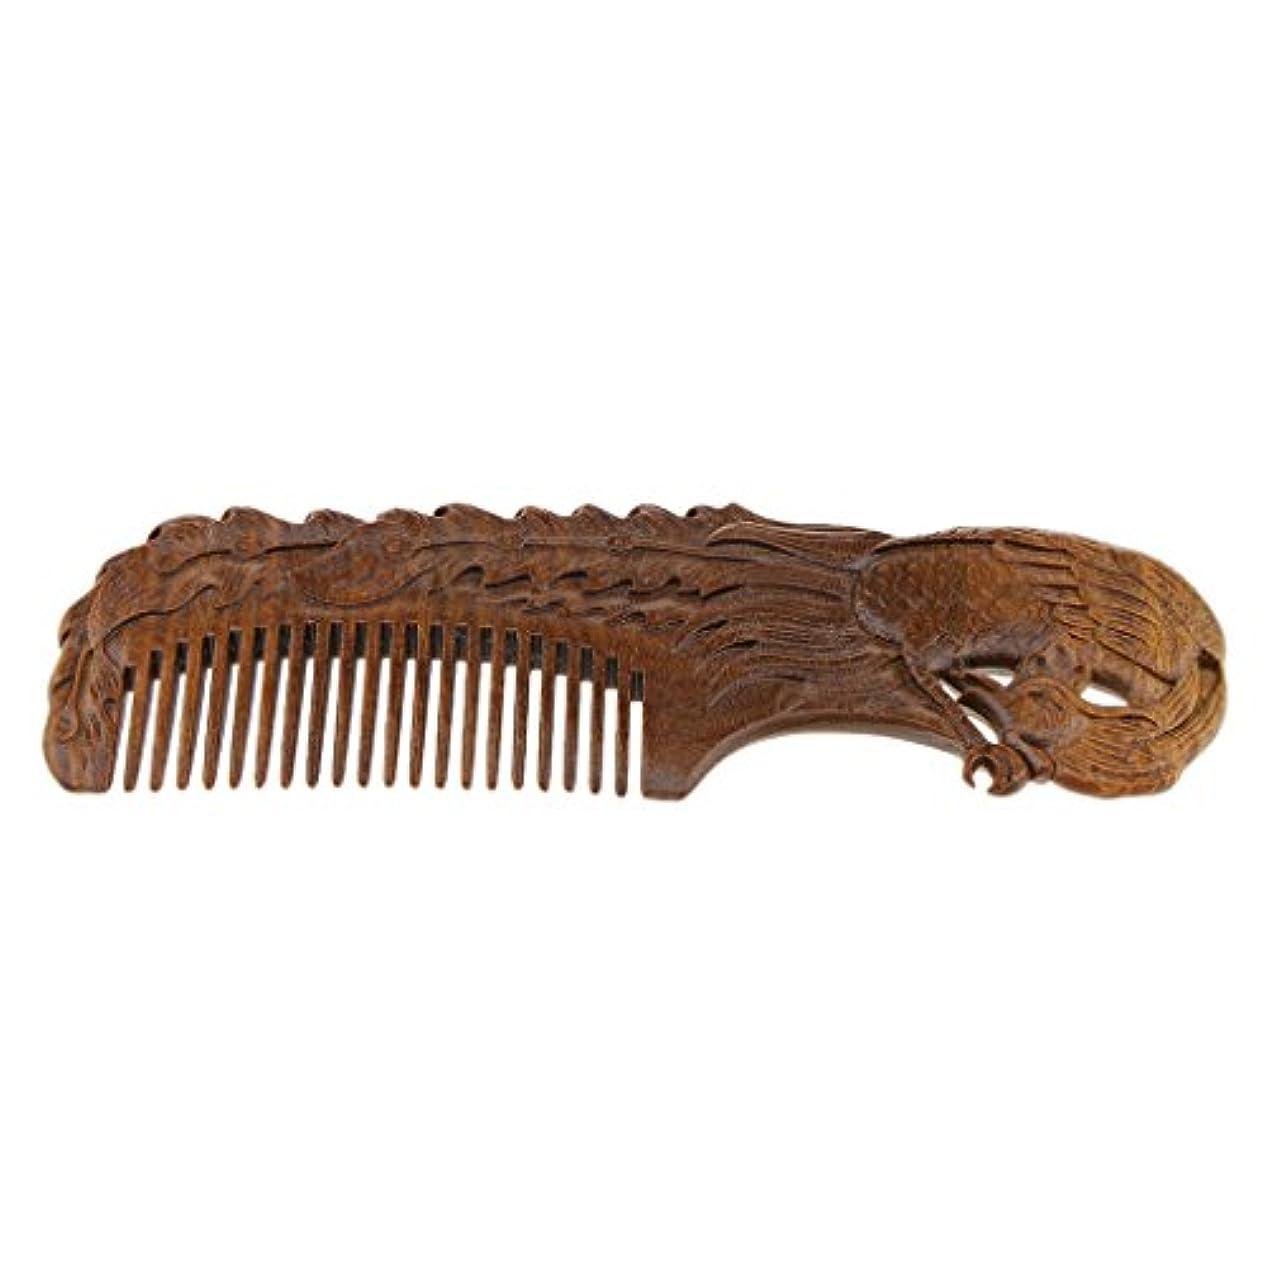 アトラス繁雑パックウッドコーム 木製コーム 木製櫛 ヘアブラシ ヘアコーム 滑らかな歯 頭皮マッサージ 全2種類選択 - Phoenix